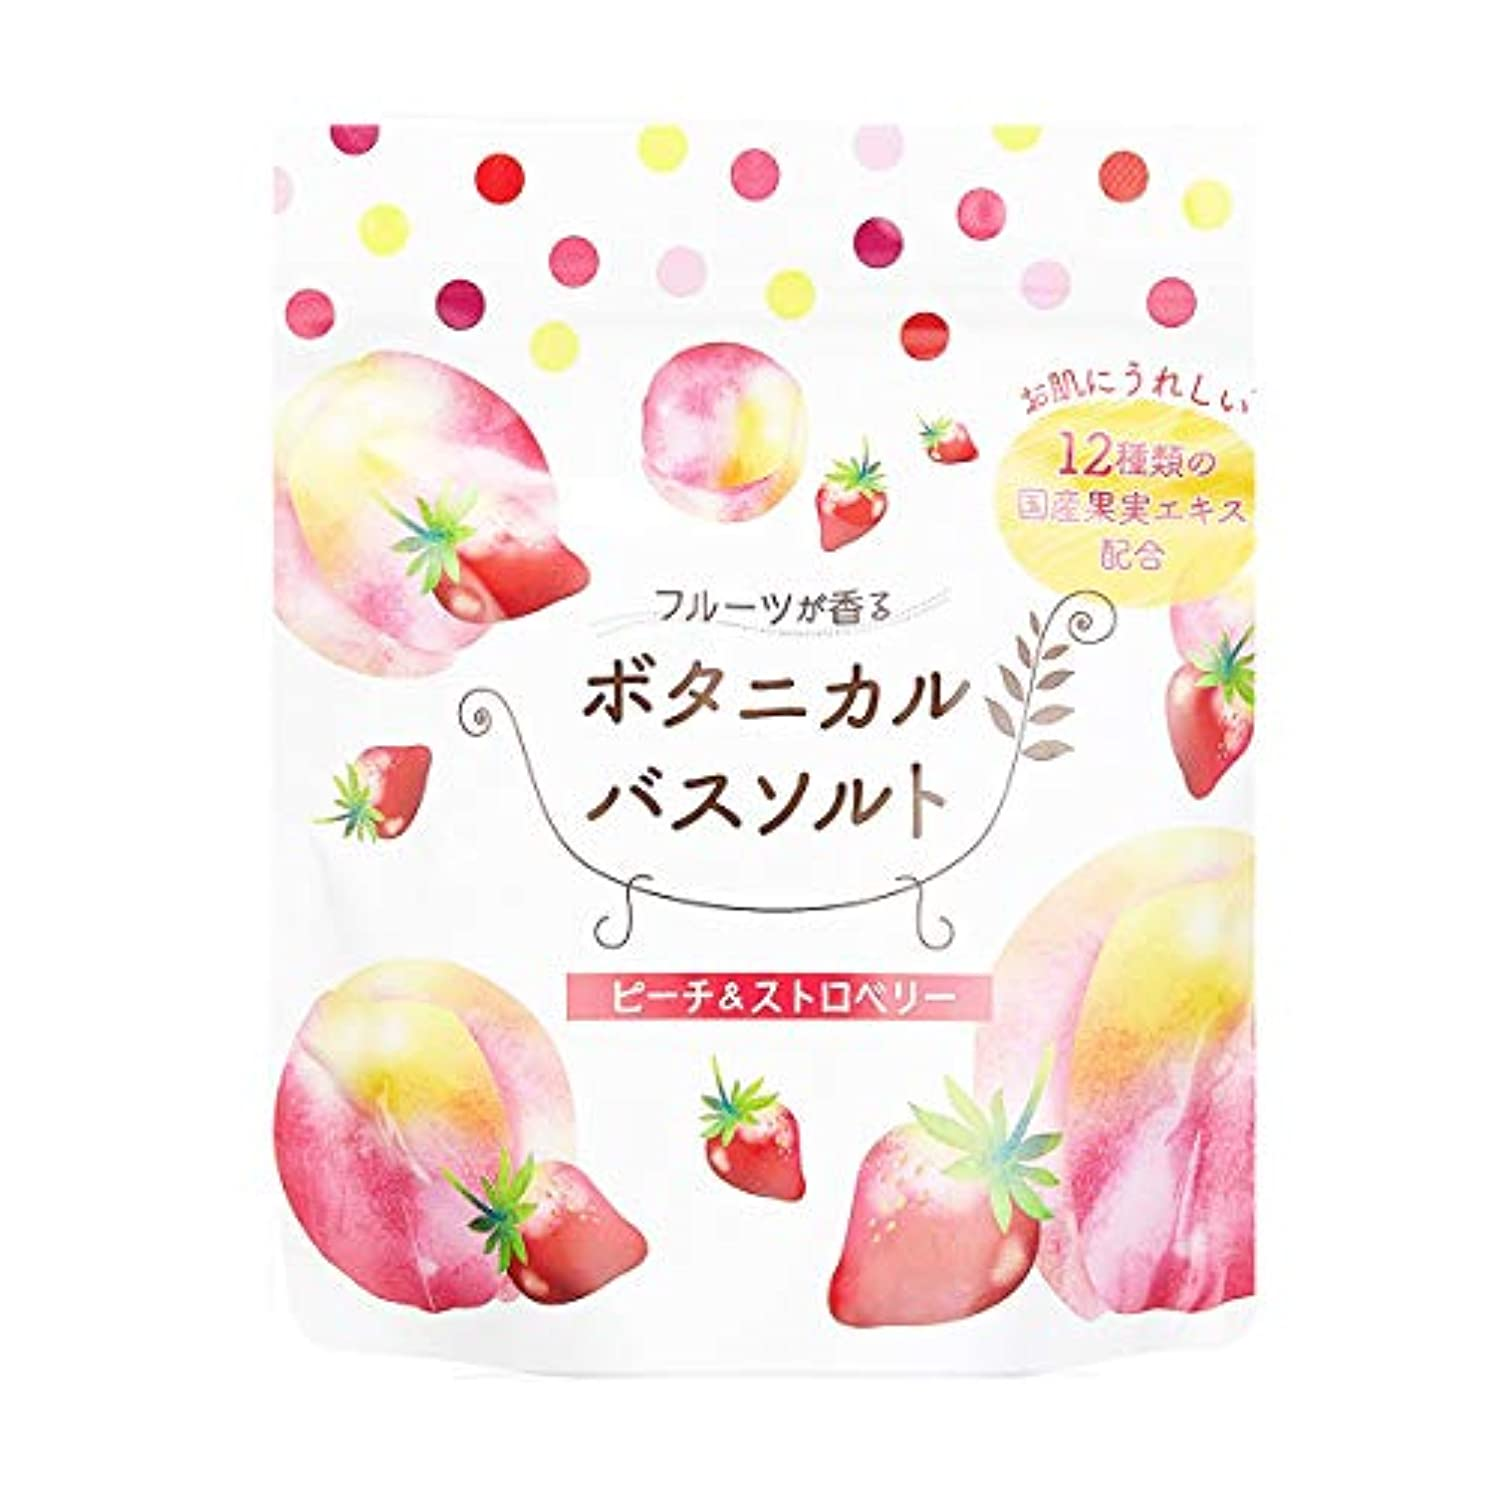 突然コピーベッツィトロットウッド松田医薬品 フルーツが香るボタニカルバスソルト ピーチ&ストロベリー 30g